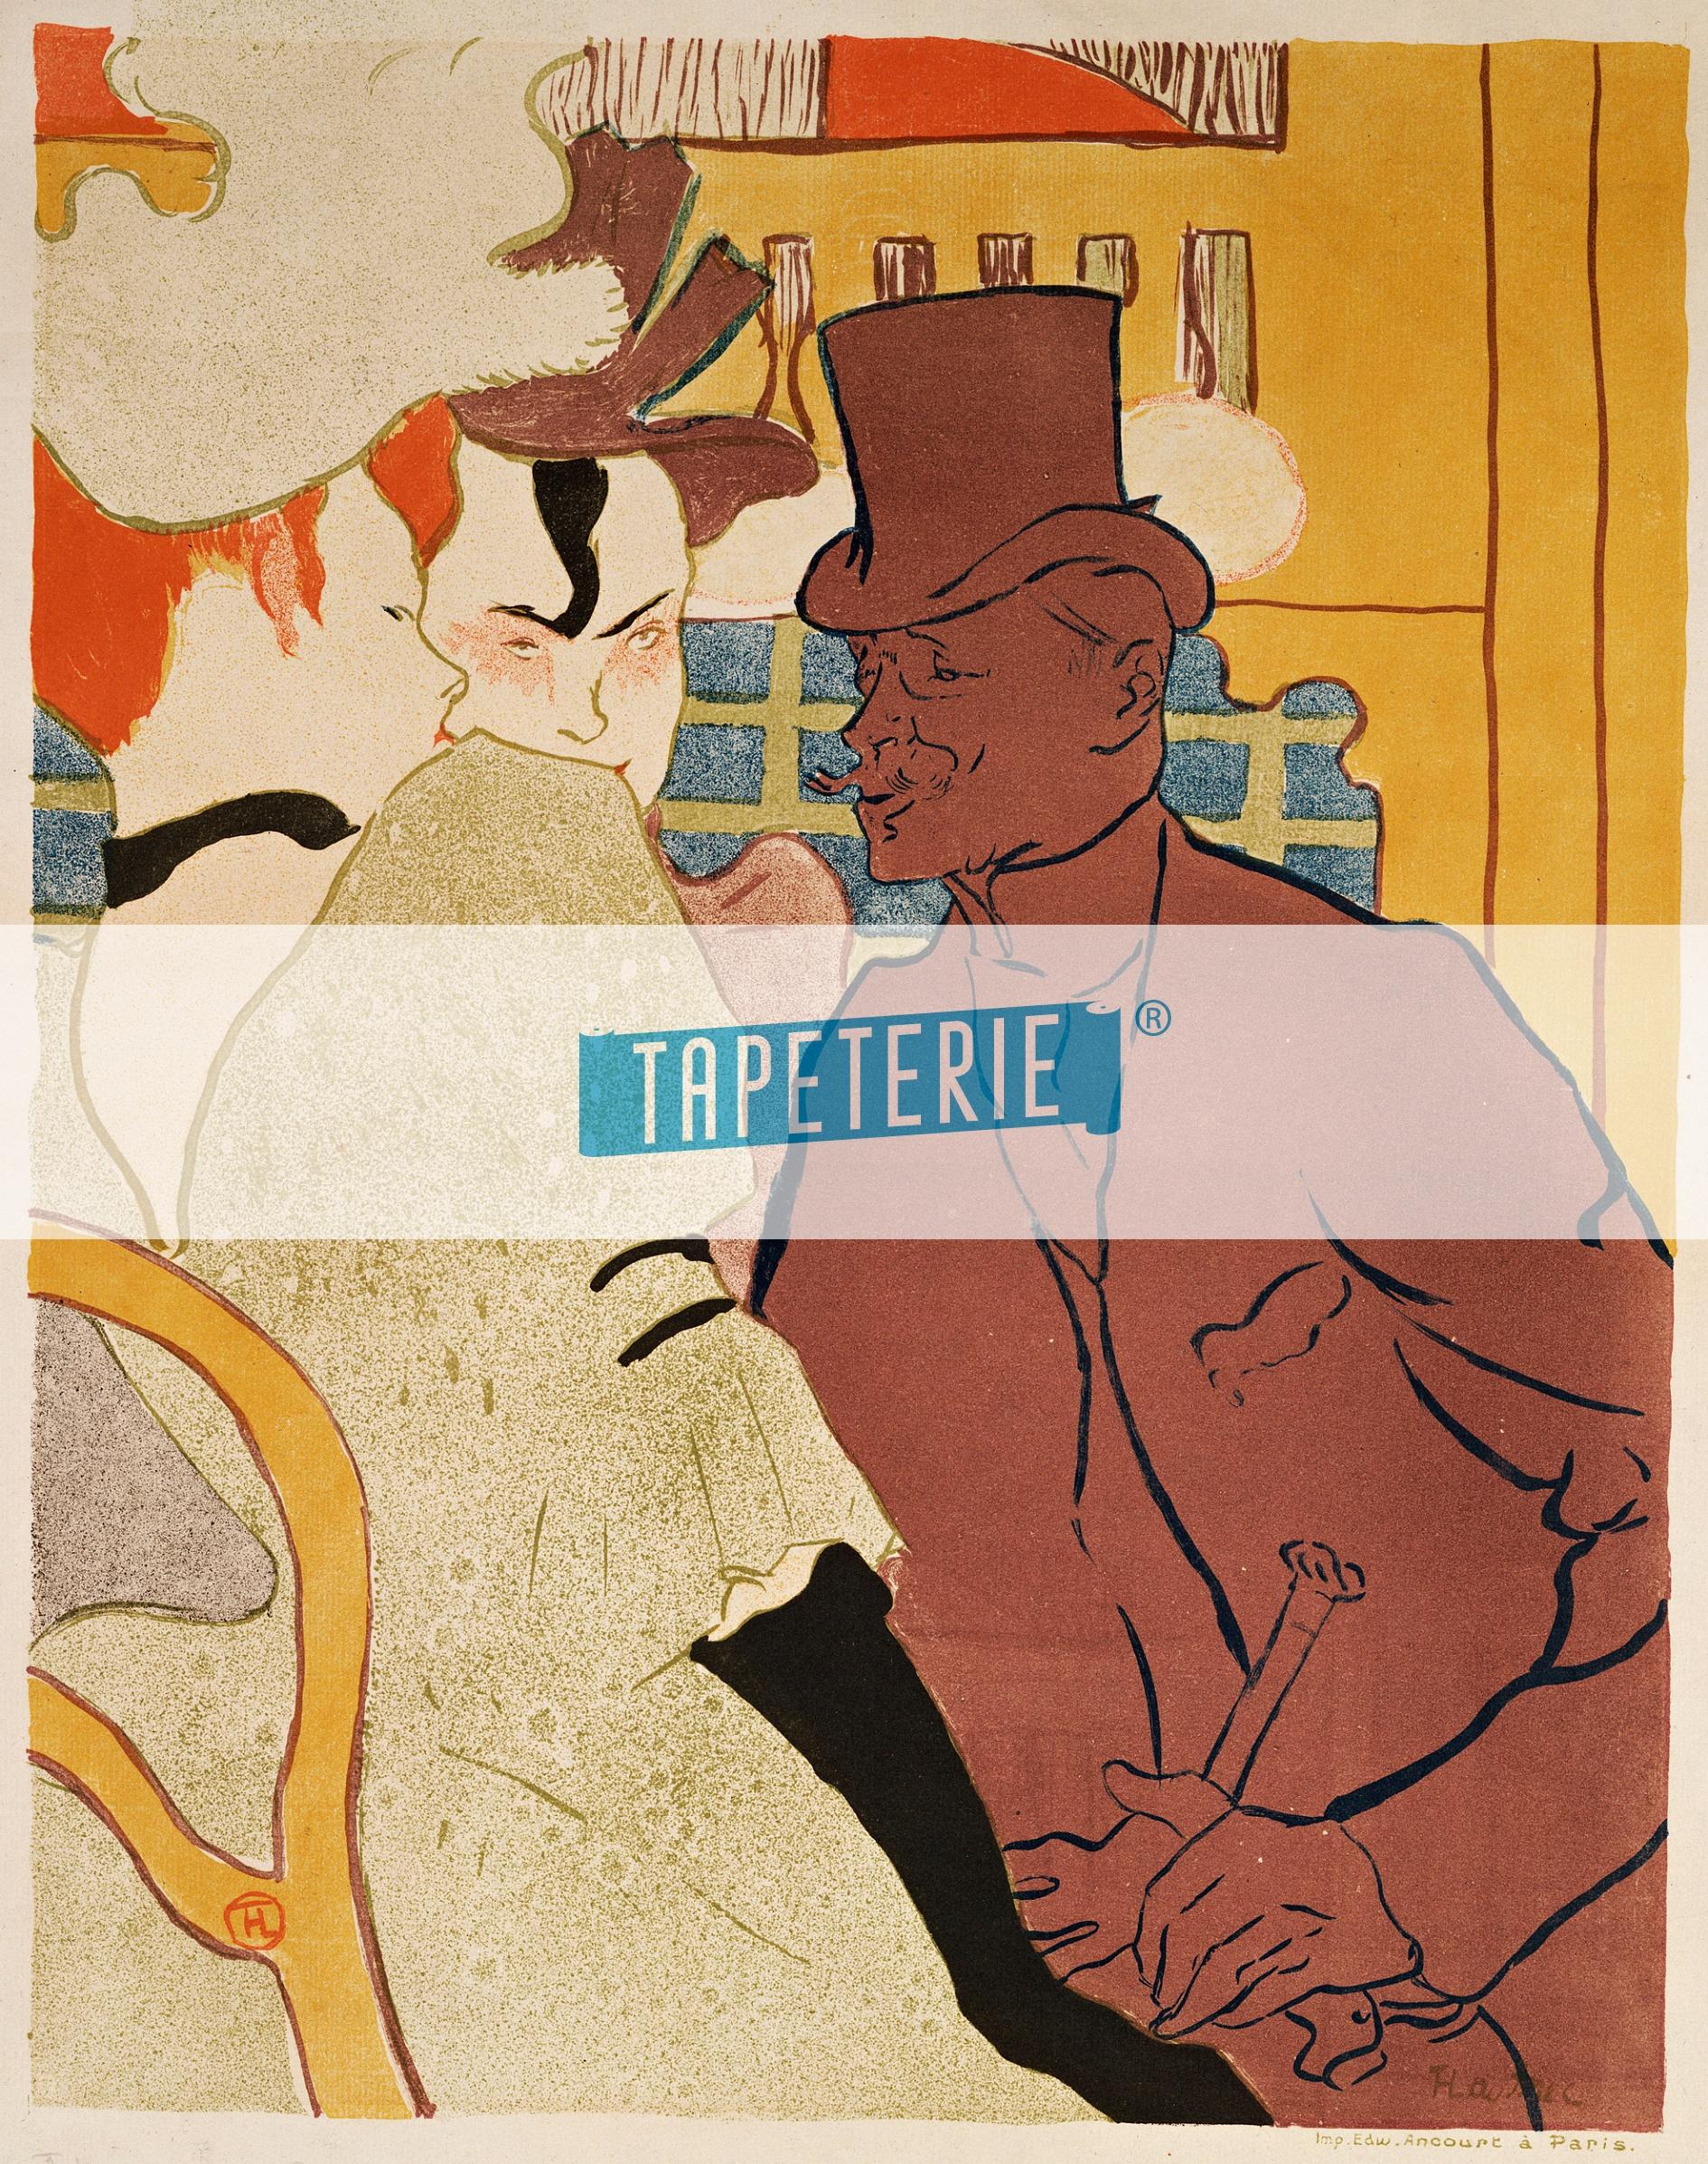 Kunst tapete der engl nder im moulin rouge tapeterie for Kunst tapete